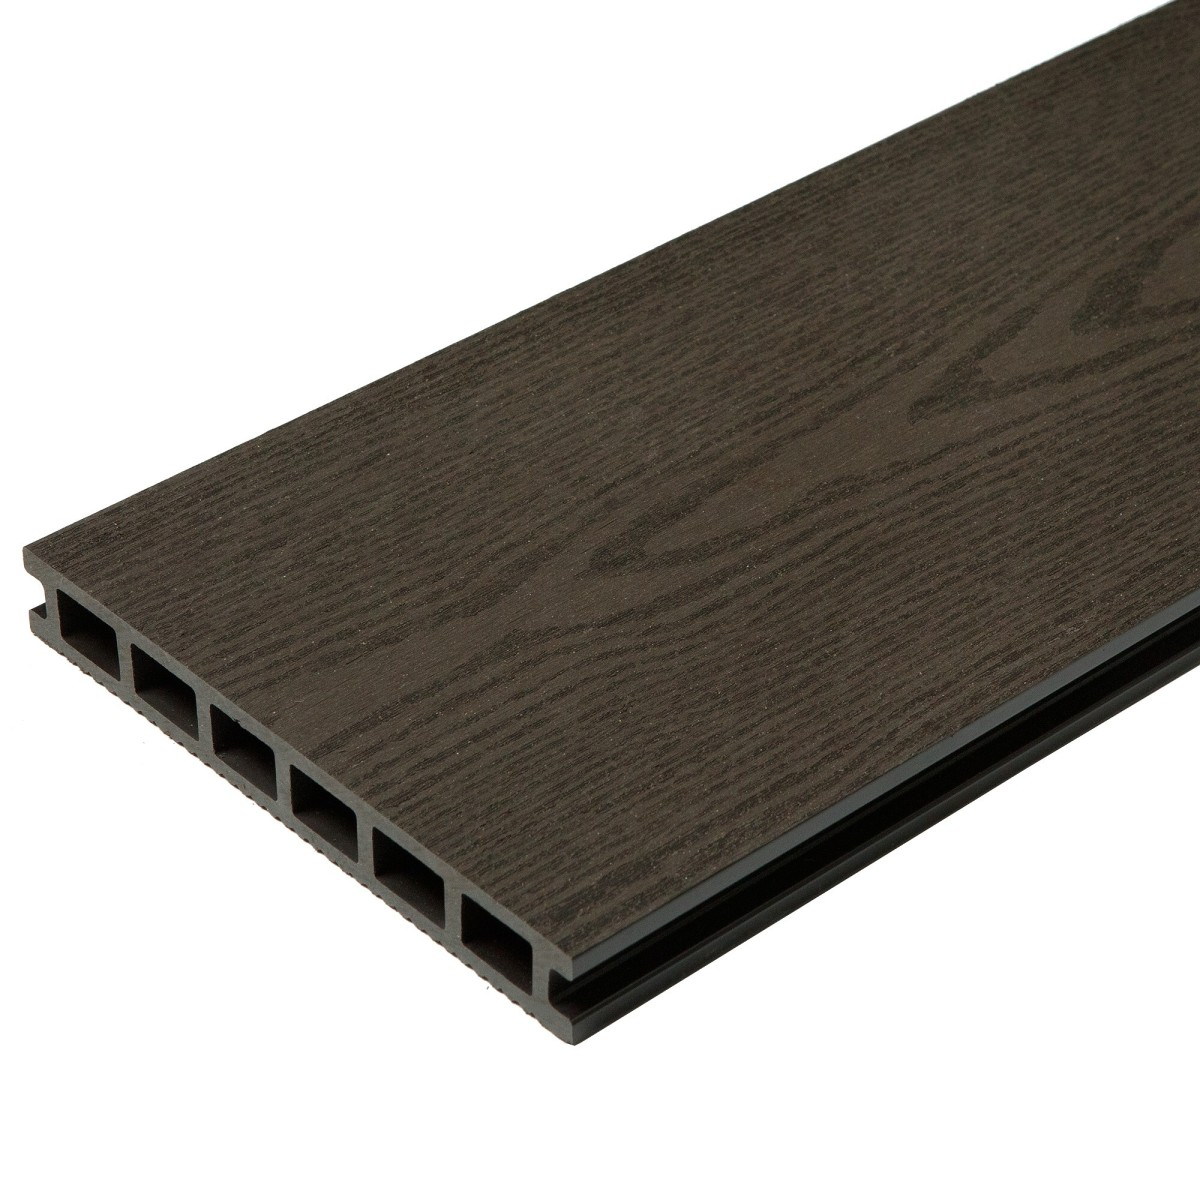 Террасная доска ДПК CM Decking Grand цвет Венге 3000х190х25 мм 0.57 м²